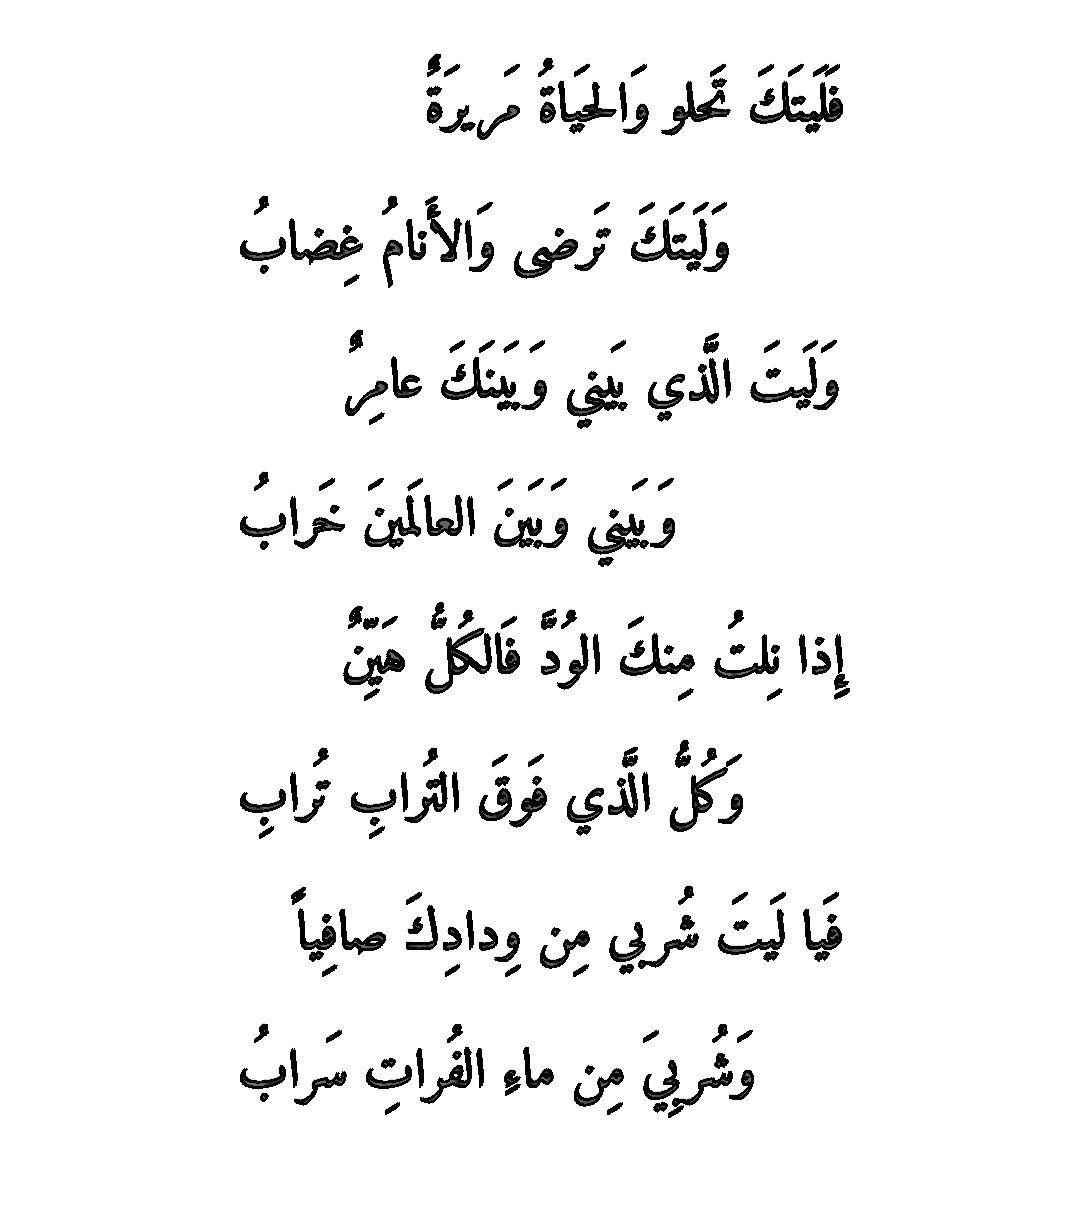 بحر الطويل أبو فراس الحمداني 932 969 بعض المصادر تنسبها للحلاج 858 922 Language Quotes Words Quotes Arabic Love Quotes